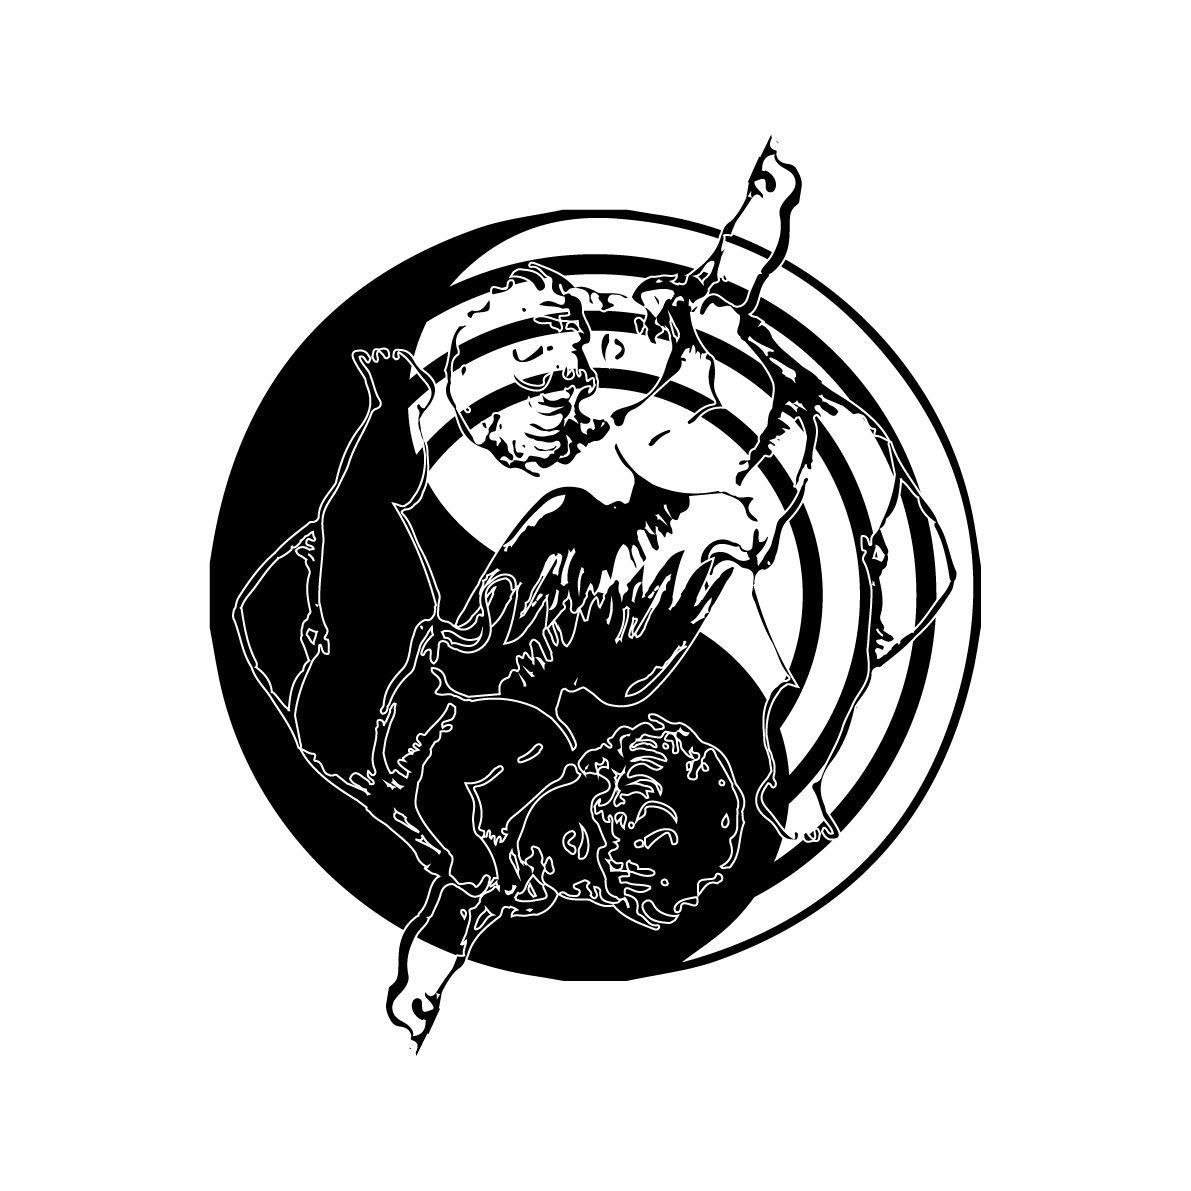 企業、店舗、イベントに使うロゴを制作させて頂きます 他店にはないオリジナルな物を探している方へ。